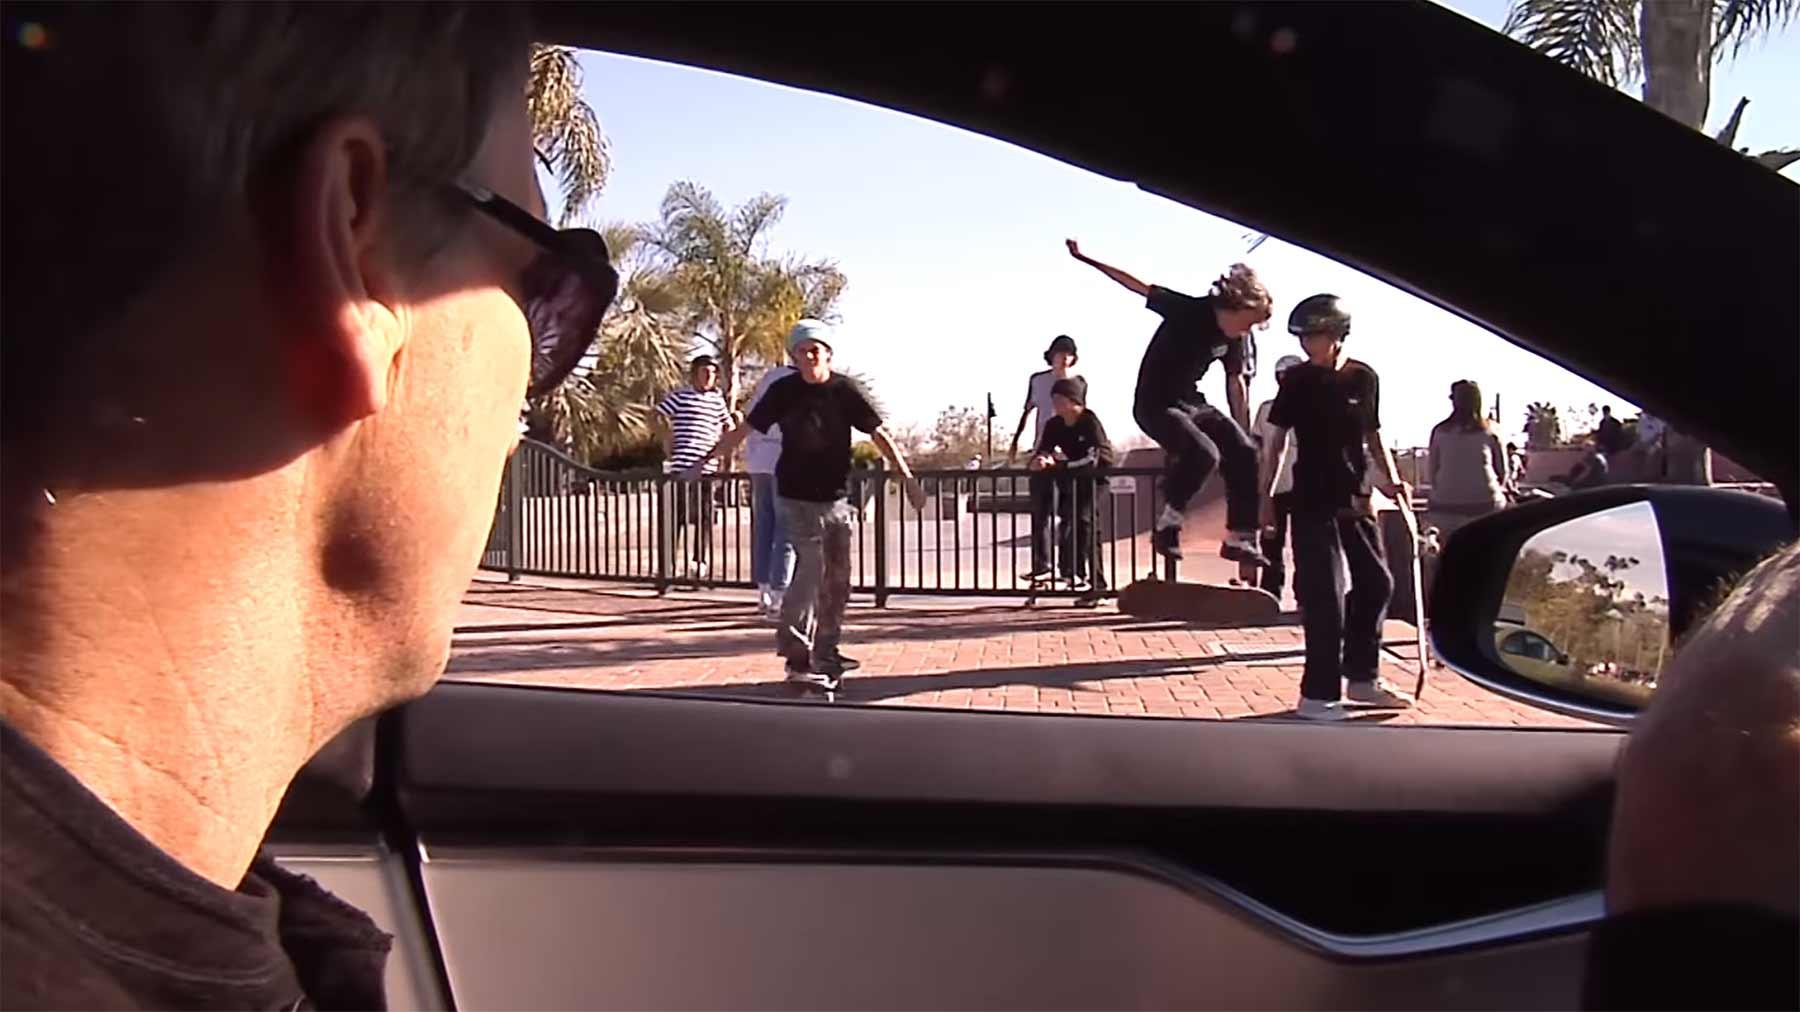 Tony Hawk fordert Skateboarder aus dem Auto heraus auf, einen Kickflip zu machen